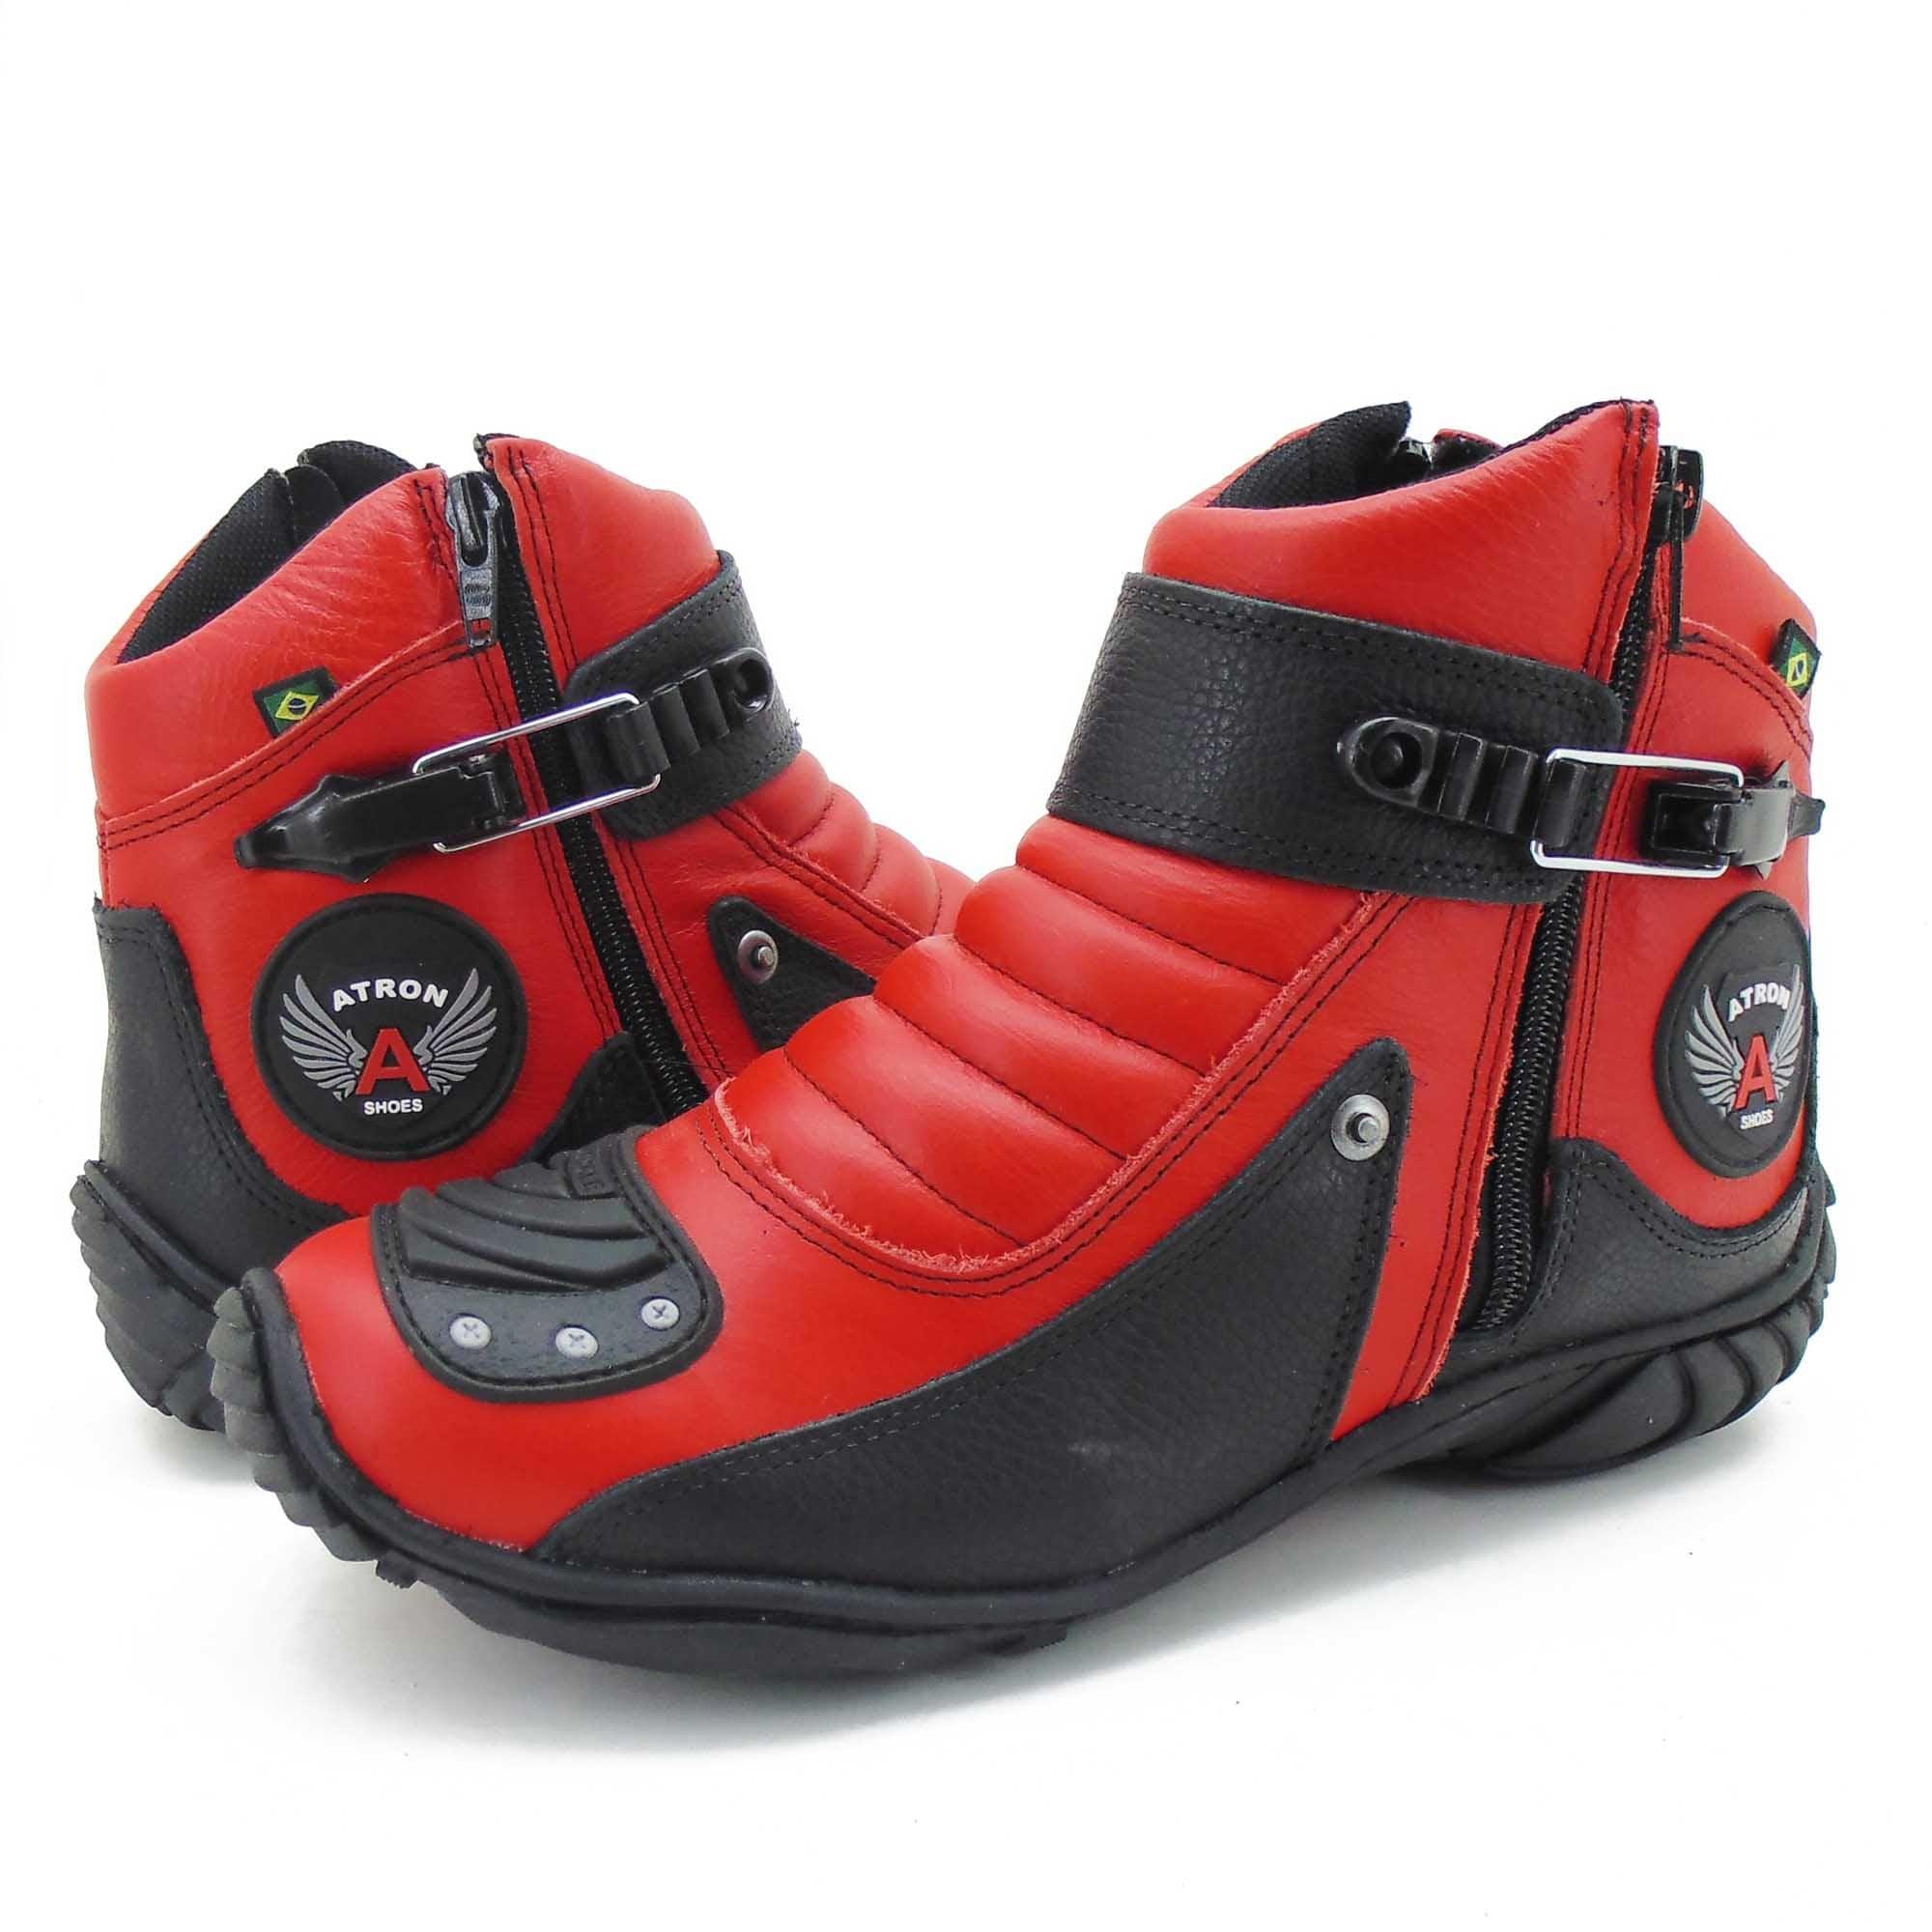 Bota motociclista vermelha e preta de couro unissex 304 com chinelo Atron Shoes e CARTEIRA DE BRINDE